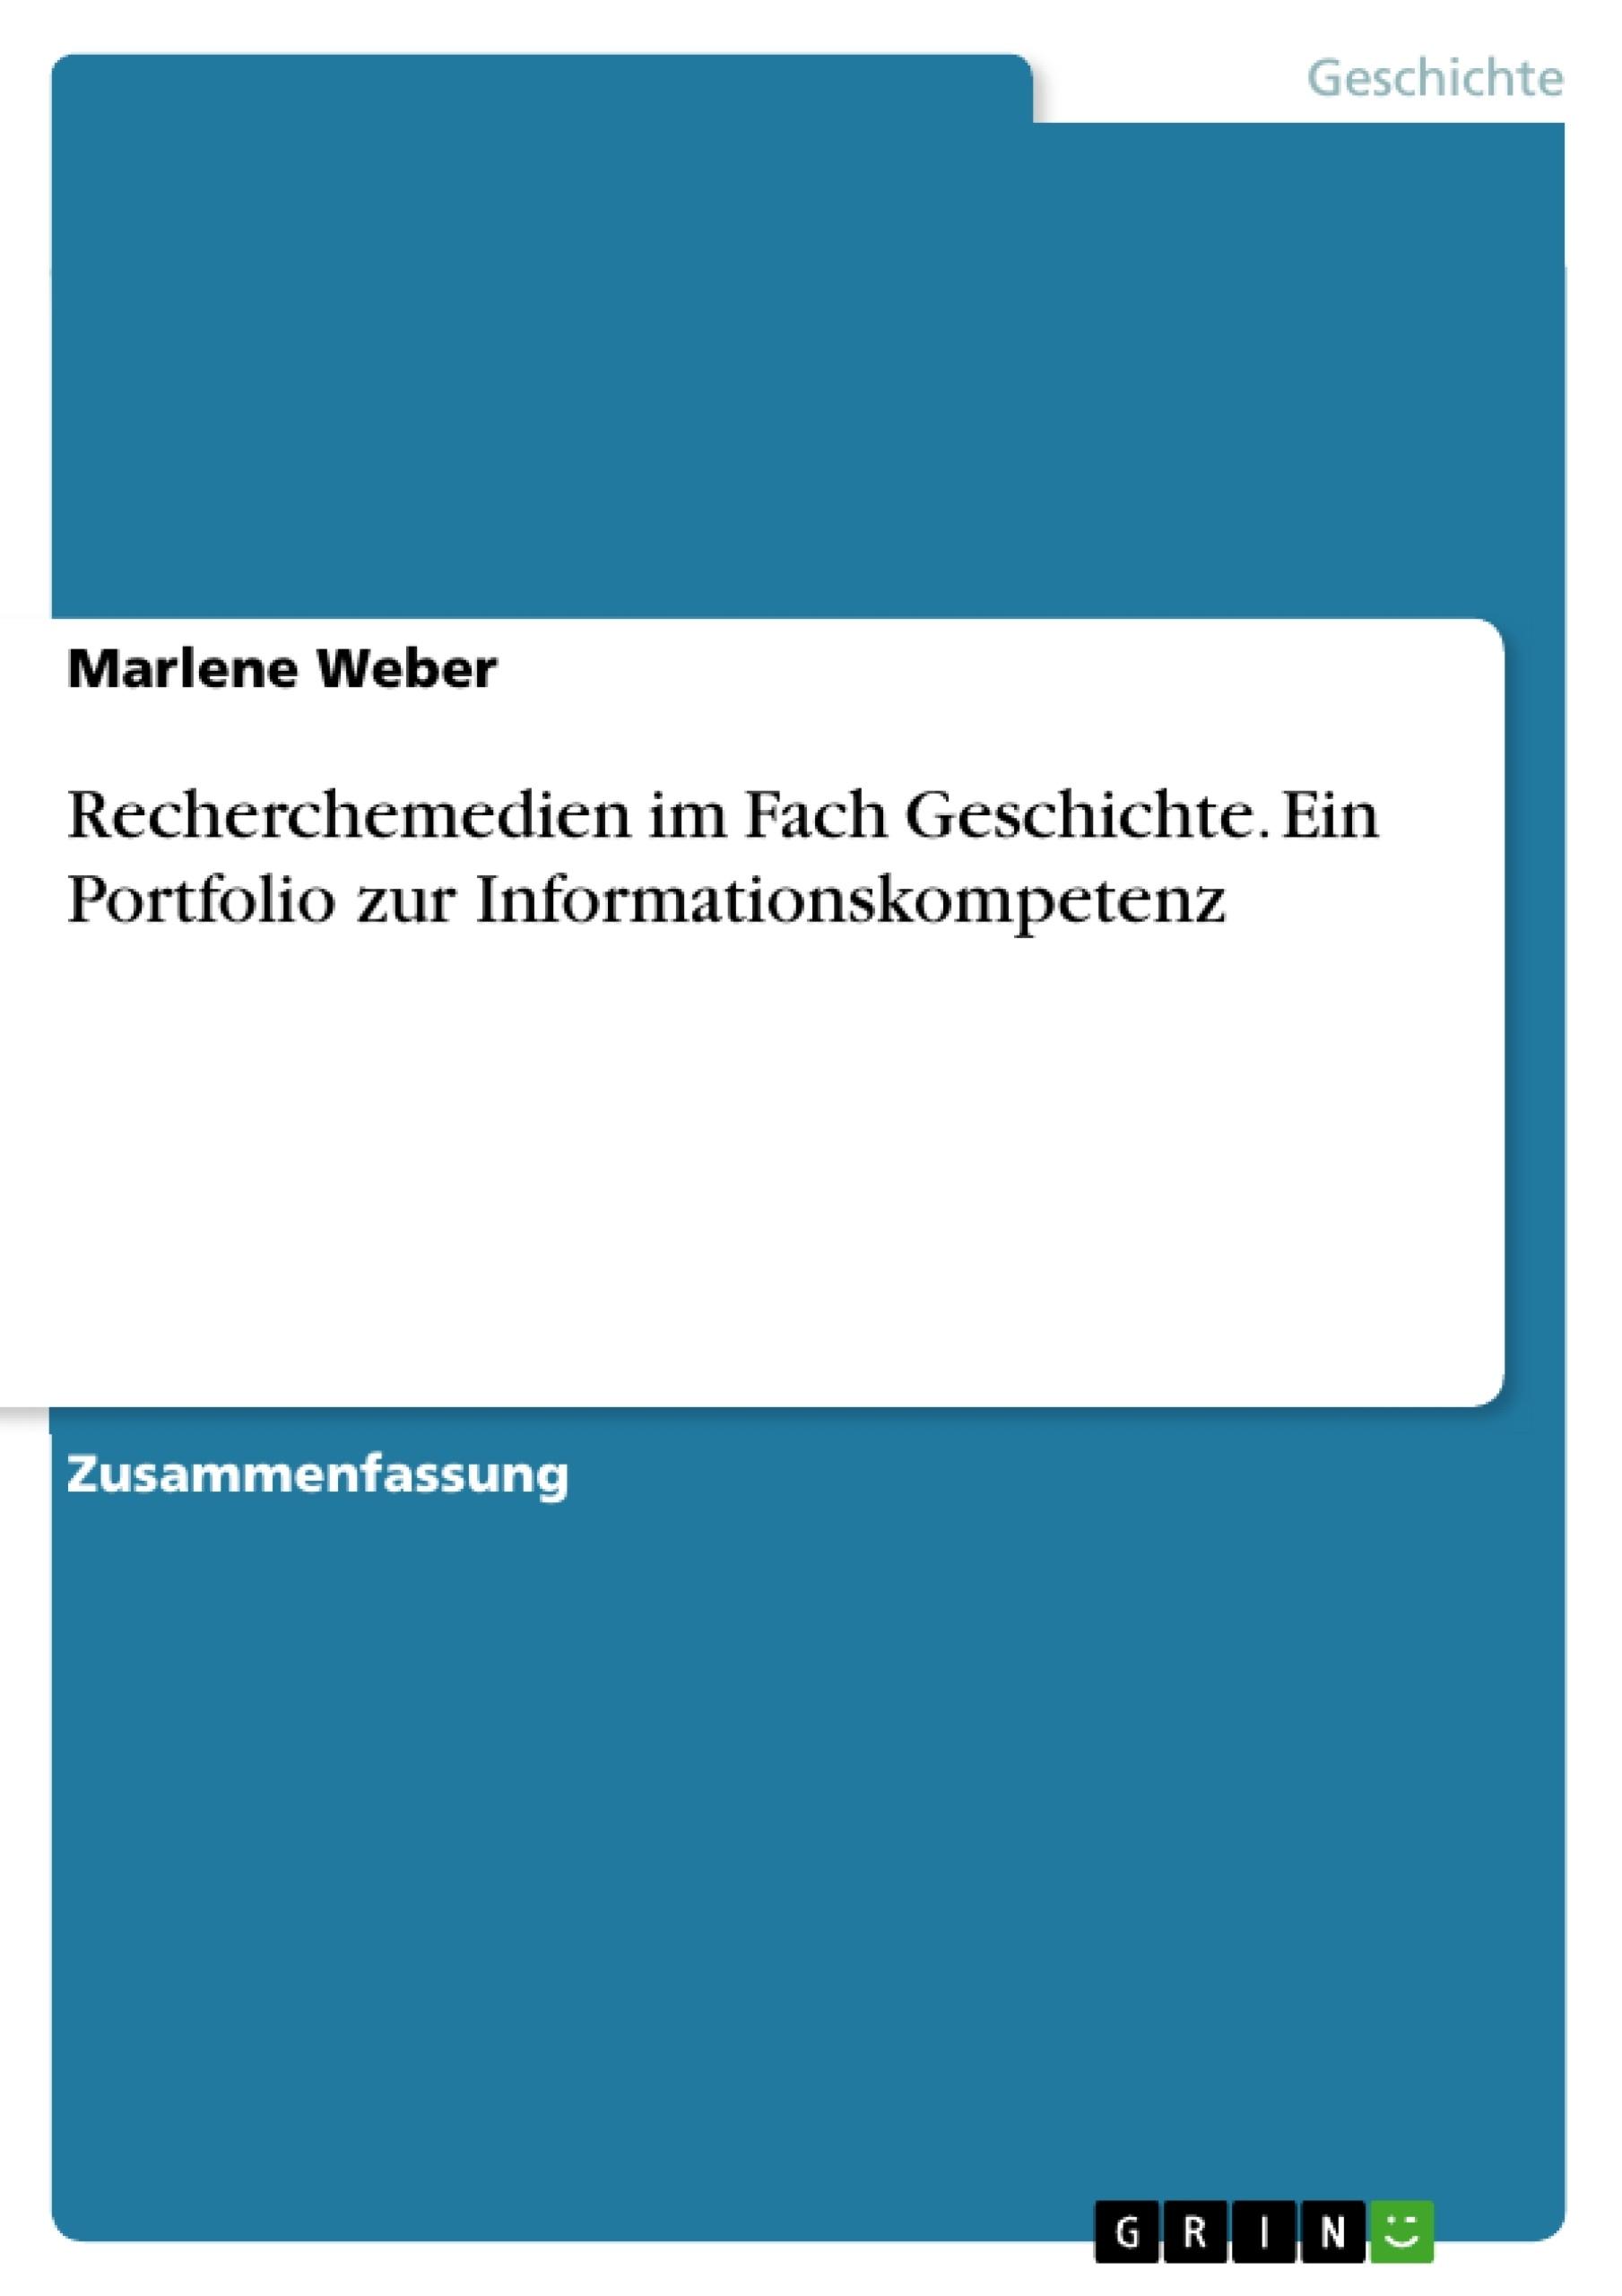 Titel: Rechermedien im Fach Geschichte. Ein Portfolio zur Informationskompetenz